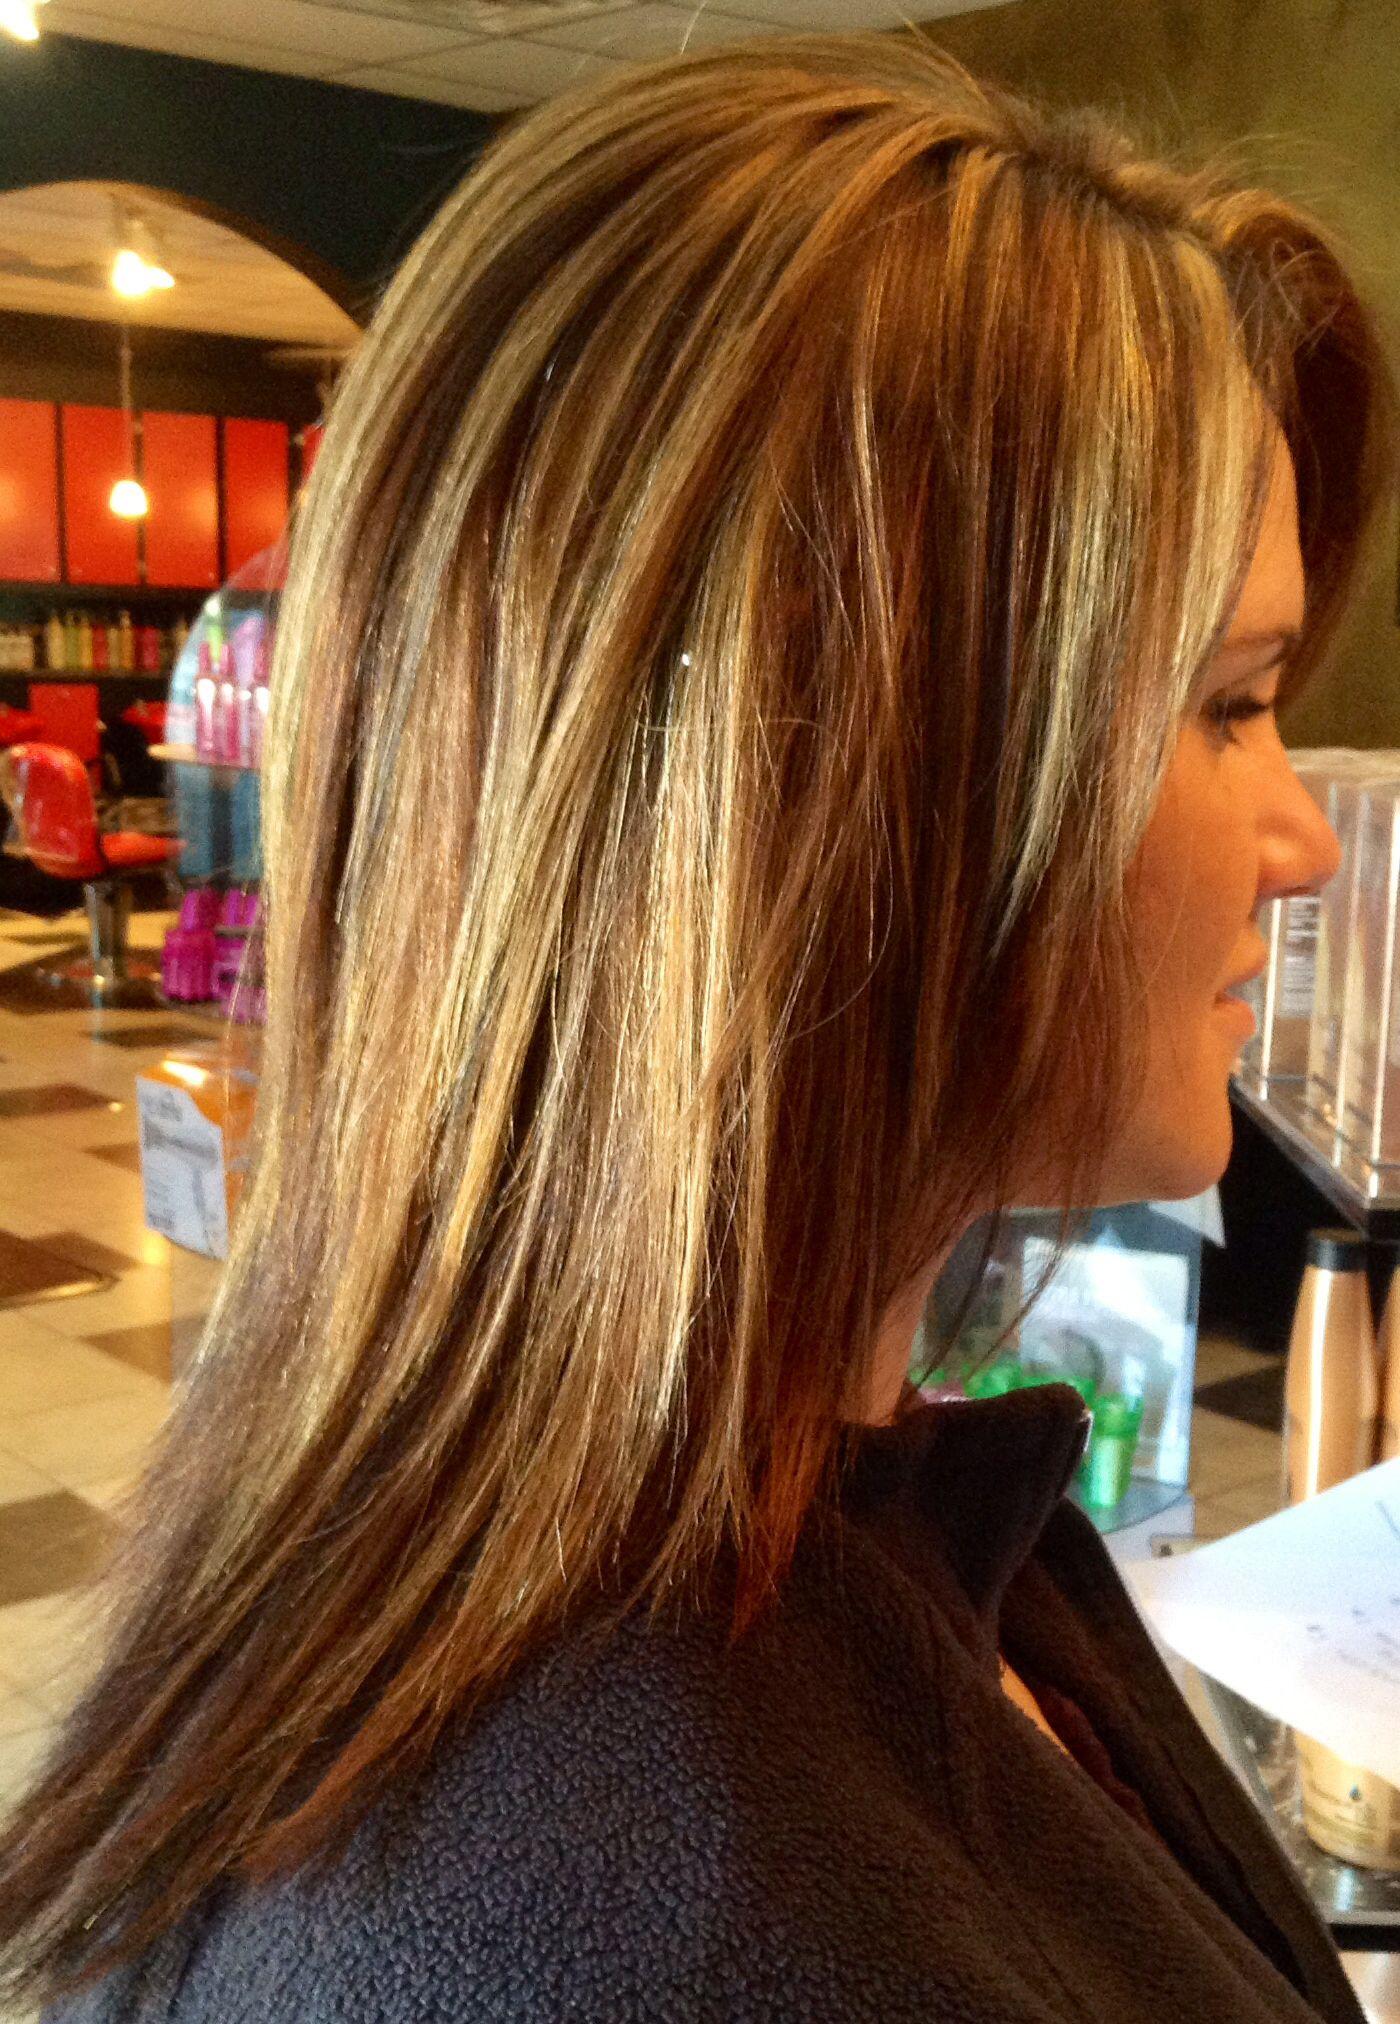 Color Redken Highlights Lowlights Blonde Brunette Mid Length Hair